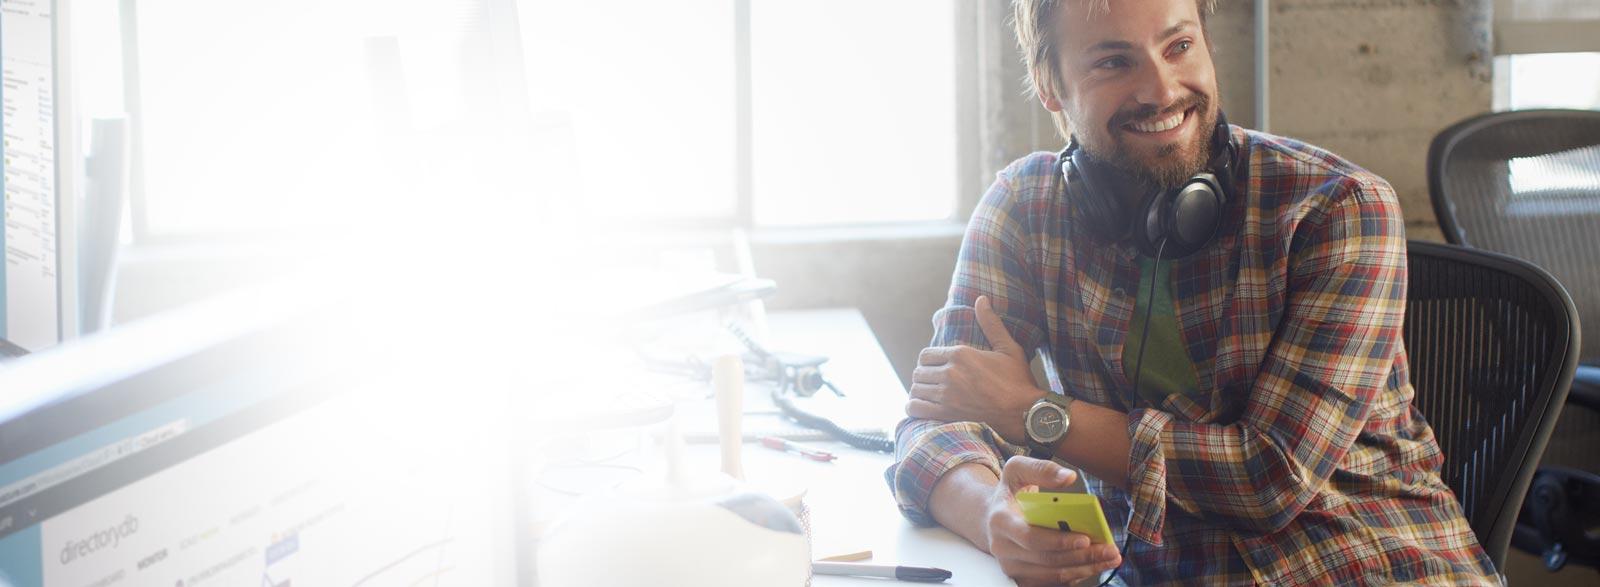 Získajte so službami Office 365 Enterprise E1 najnovšie služby produktivity a spolupráce.